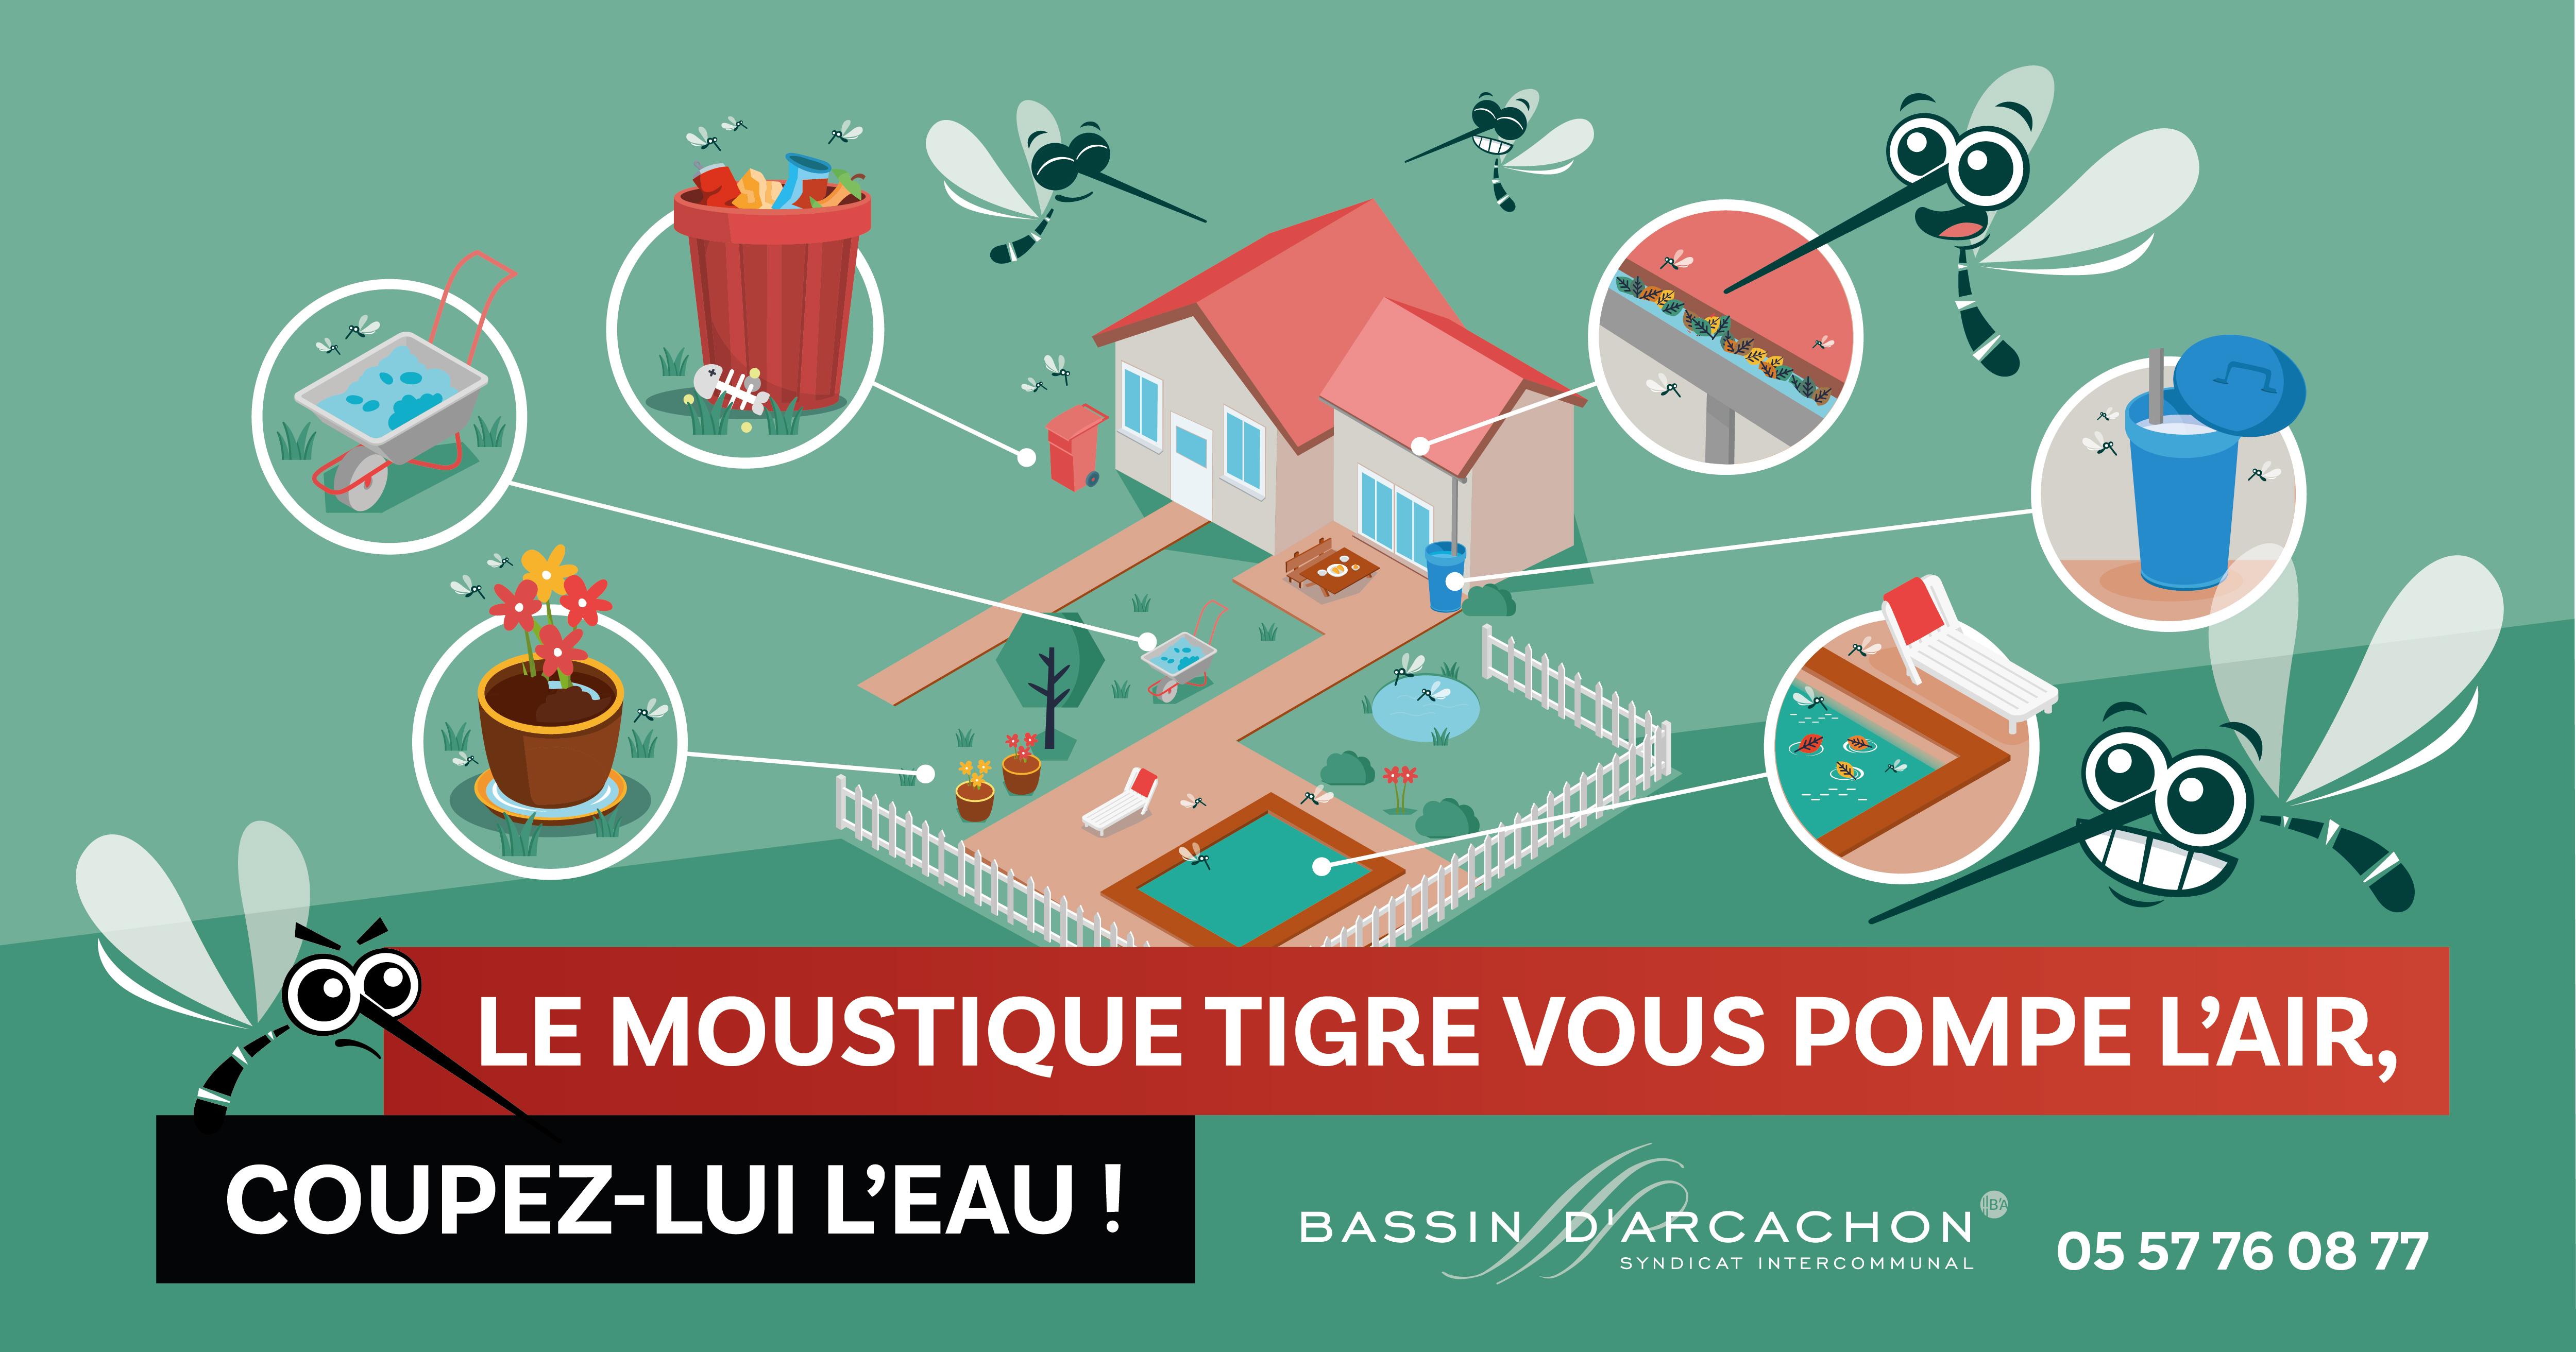 Moustique tigre - Image Facebook